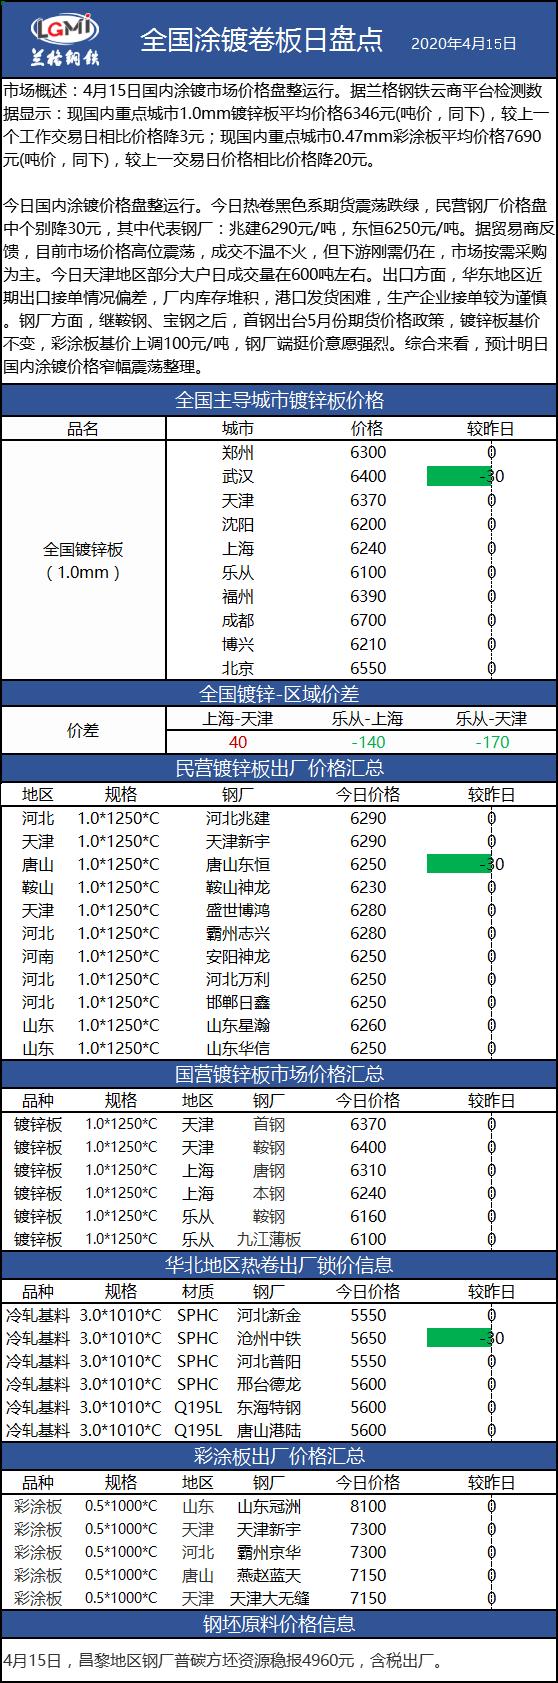 兰格涂镀板卷日盘点(4.15):涂镀价格盘整运行 成本支撑仍在